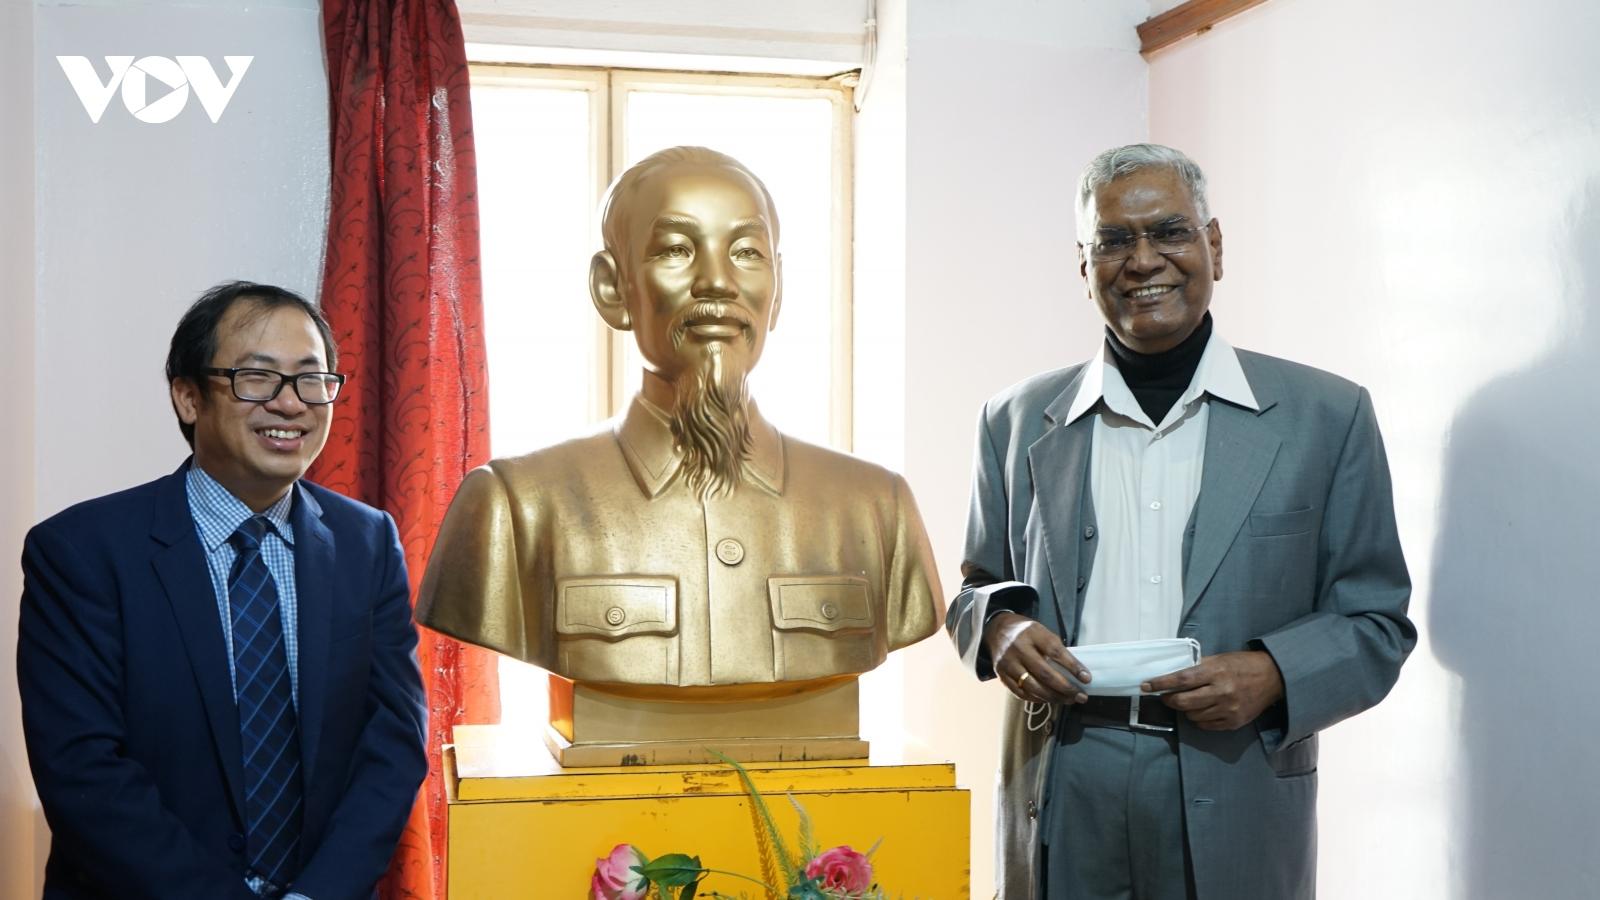 Đảng Cộng sản Việt Nam chúc mừng Đảng Cộng sản Ấn Độ